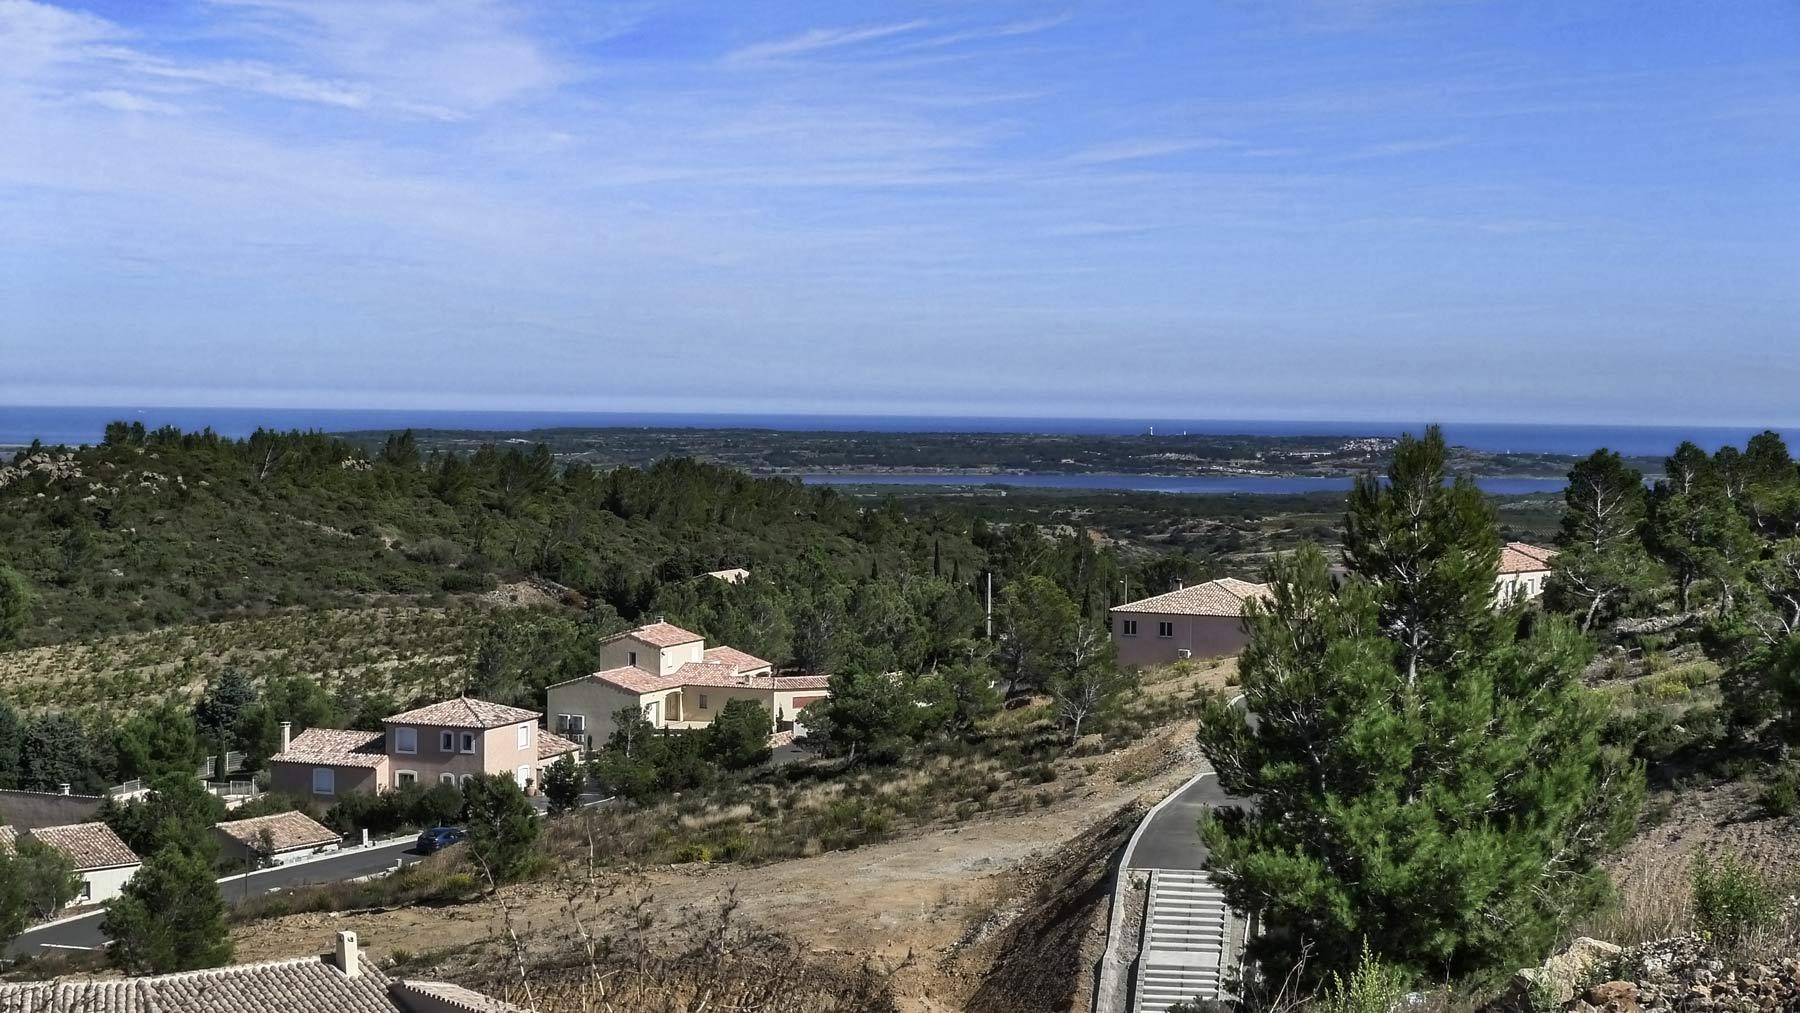 Bourboulenc wird im Languedoc und Roussillon mit Meeresblick angebaut